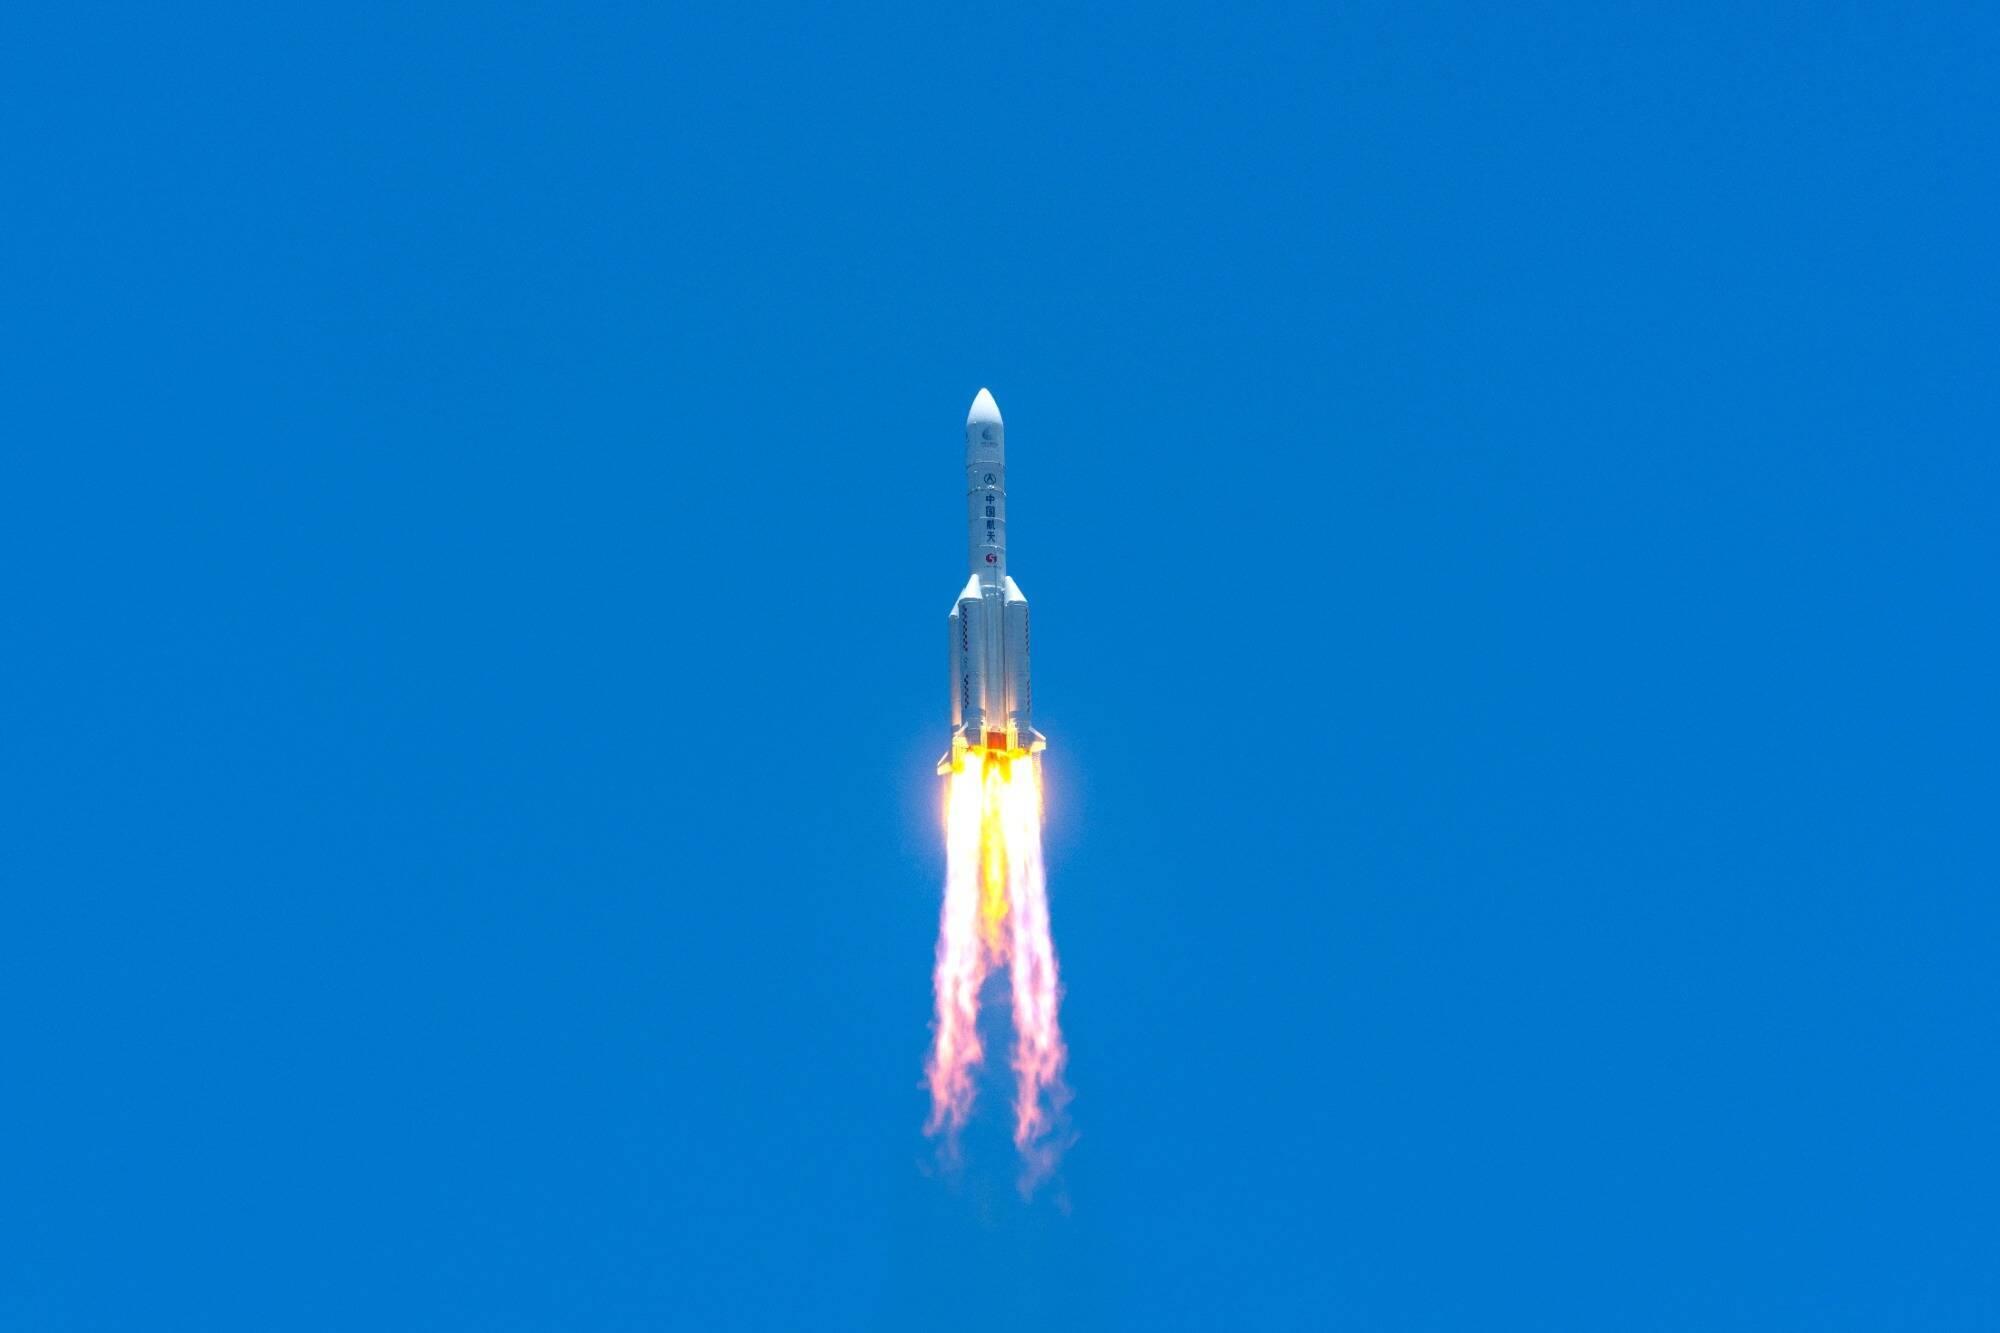 """Предполагается, что """"Тяньвень-1 должен достичь Марса в феврале 2021 года"""